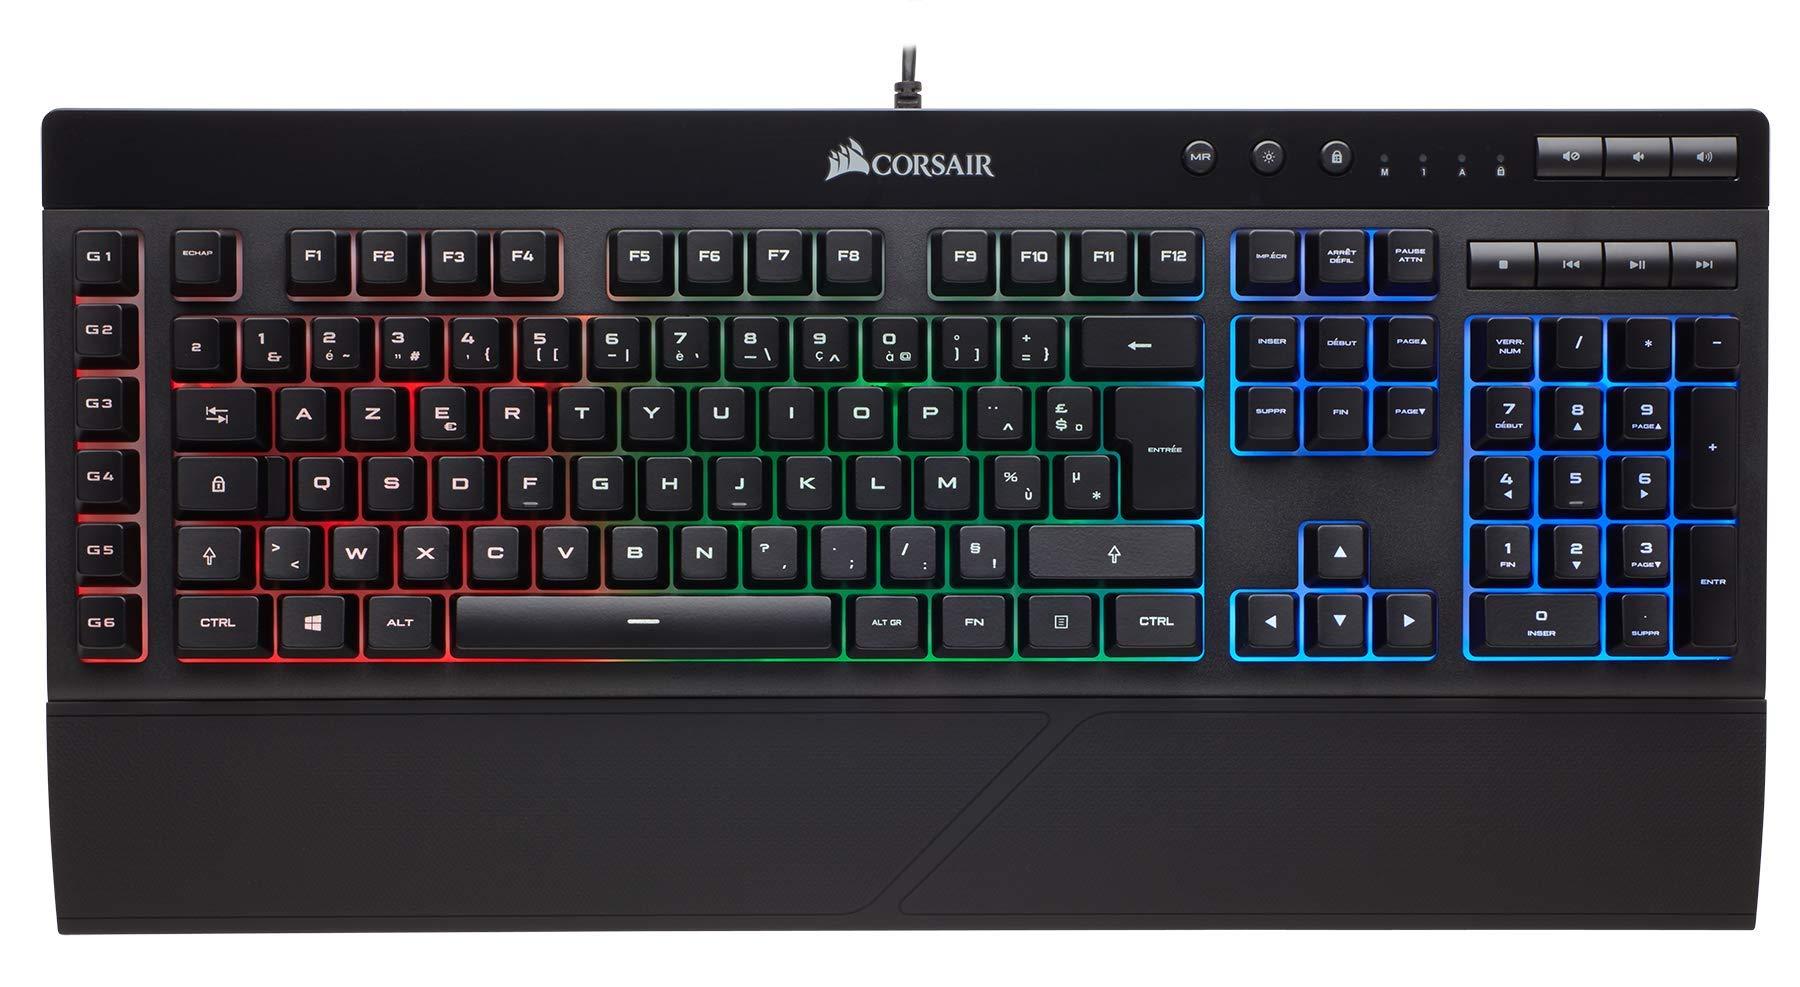 Corsair K55 Clavier Gaming (Rétro-Éclairage RGB Multicolore, AZERTY) Noir product image